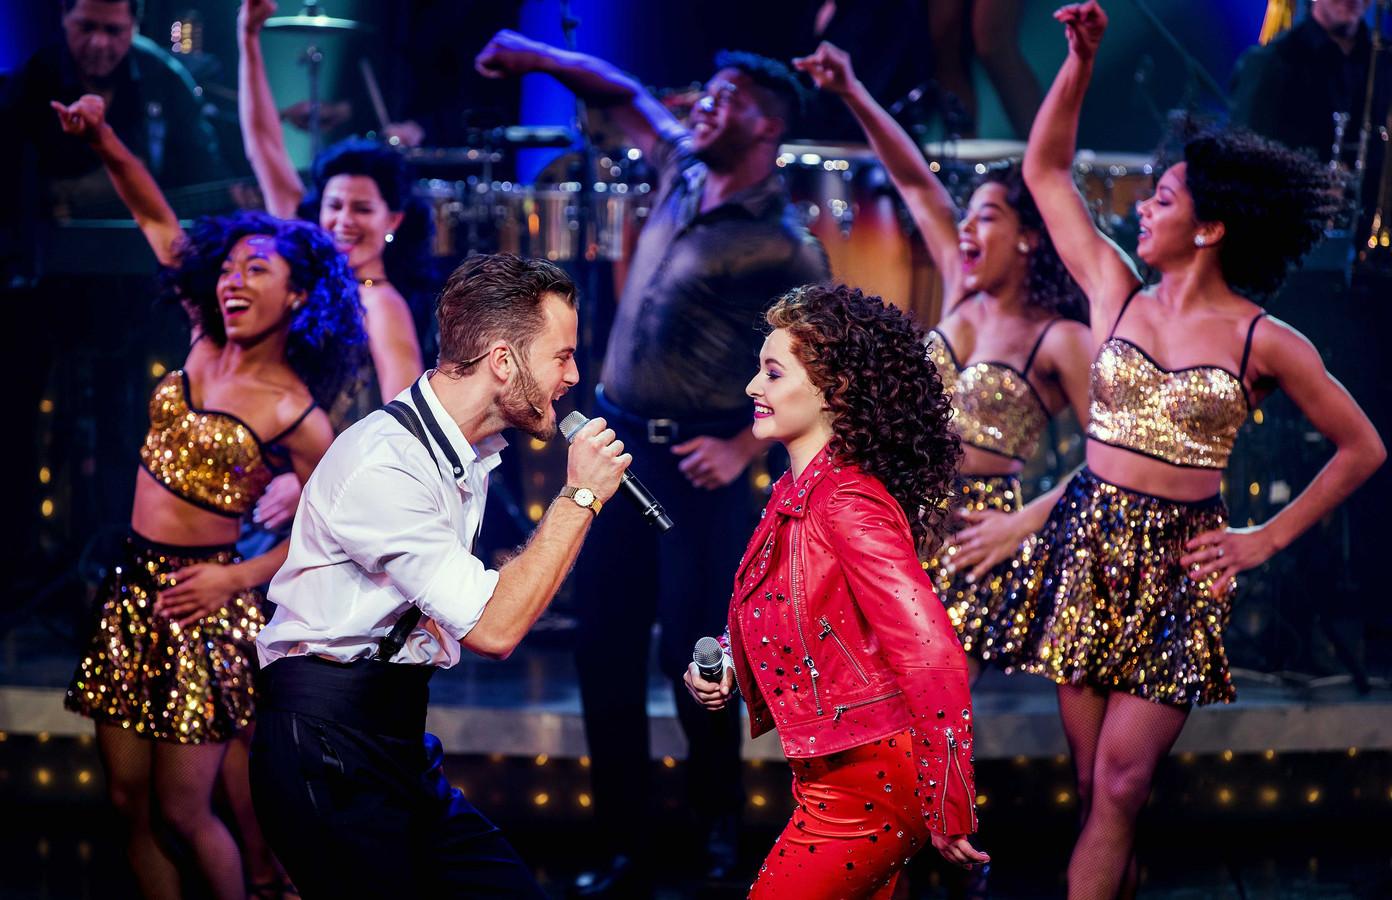 Hoofdrolspelers Jim Bakkum en Vajen van den Bosch tijdens de première van de musical On Your Feet over het leven van zangeres Gloria Estefan en haar man Emilio.